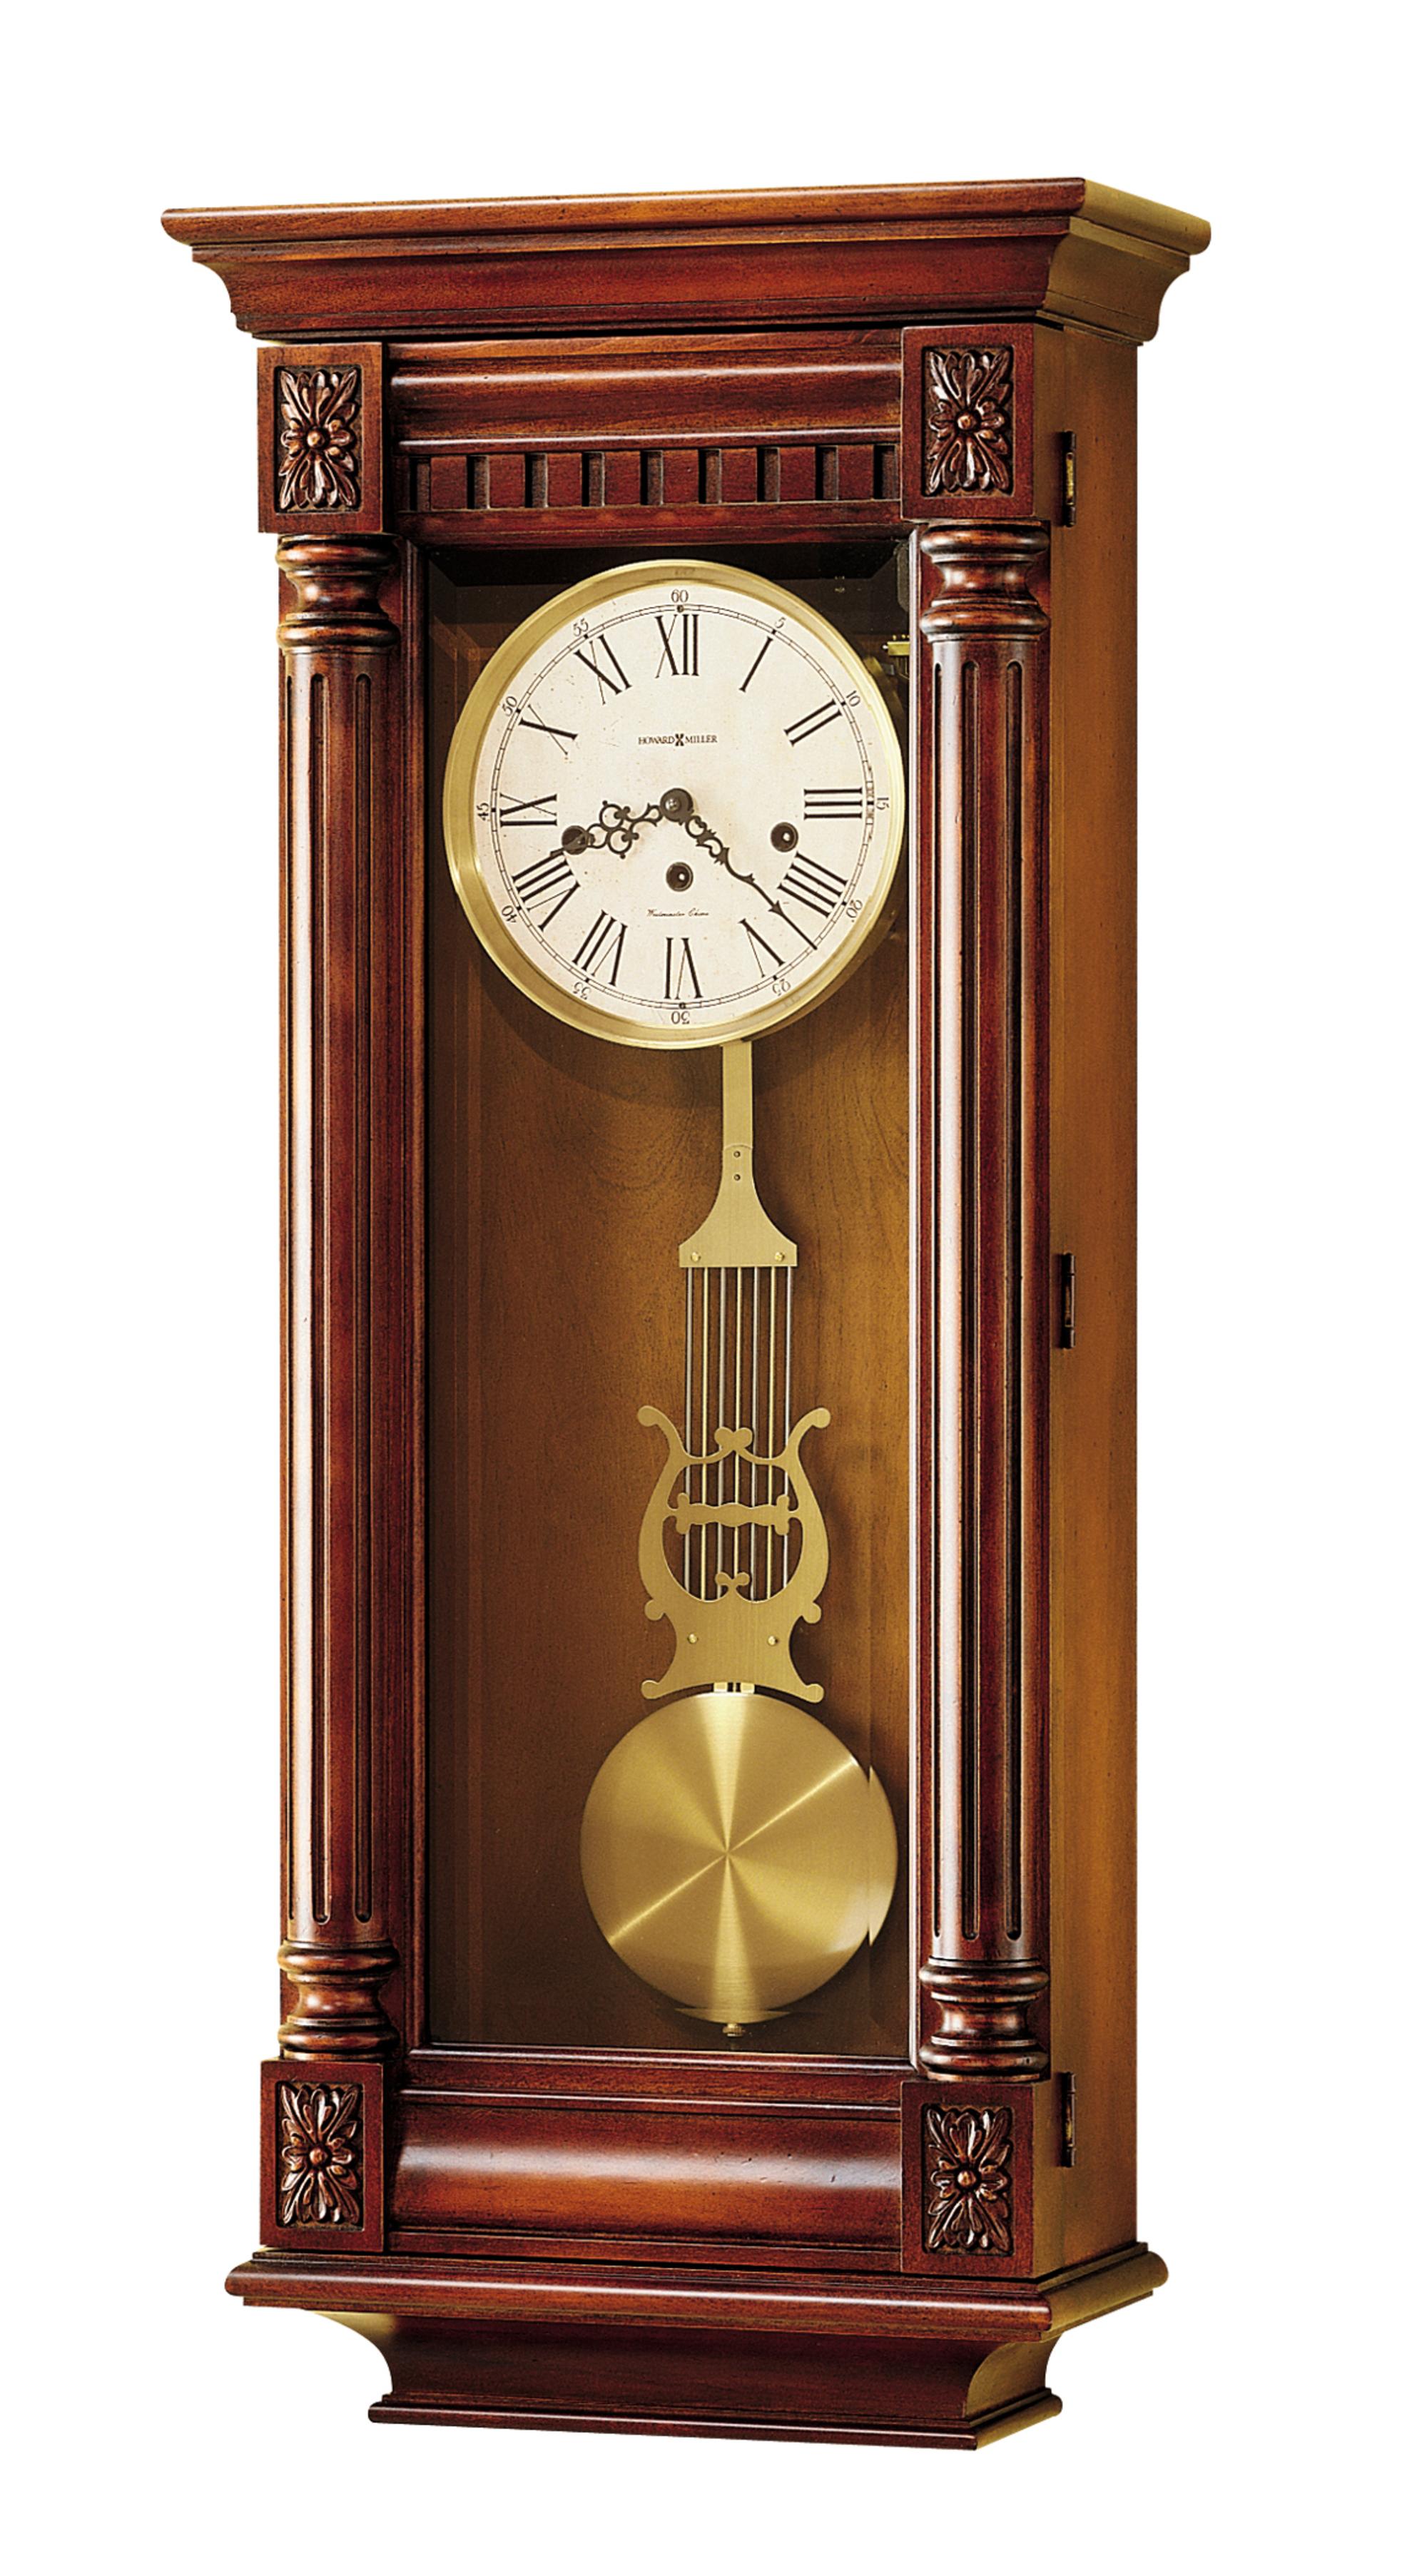 Howard Miller New Haven Wall Clock At 1 800 4clocks